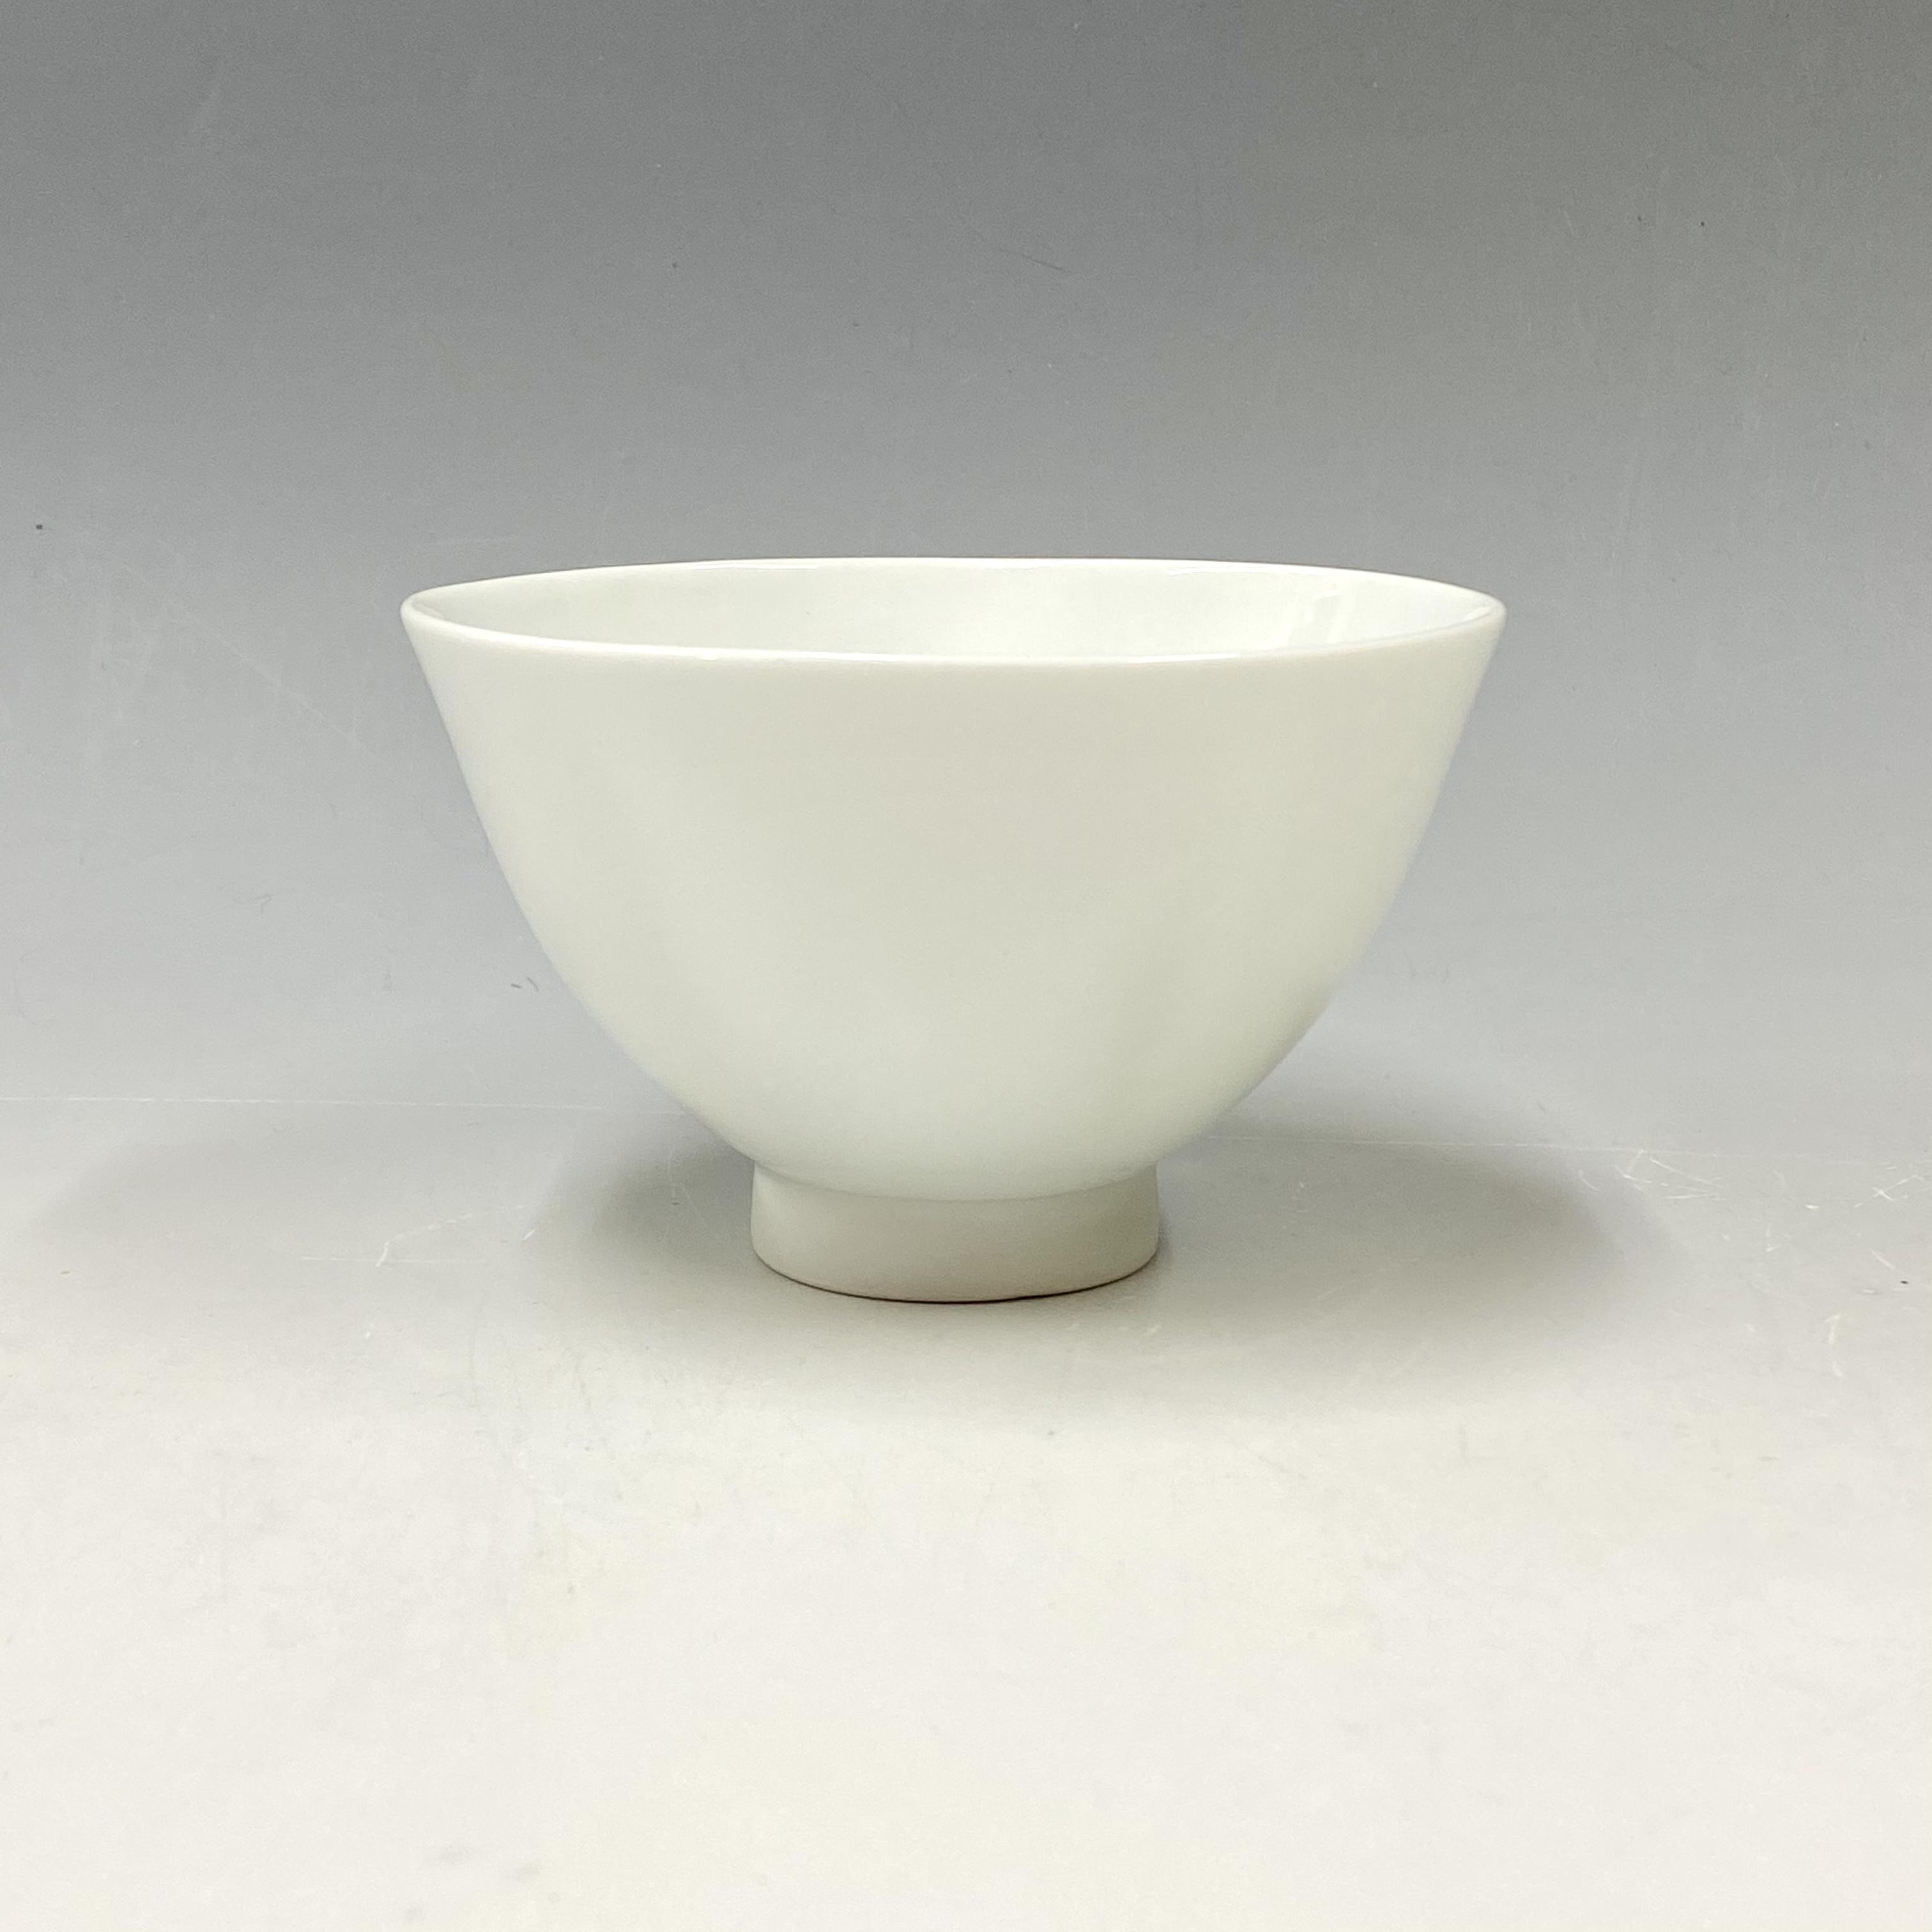 【中尾純】白磁五方押茶碗